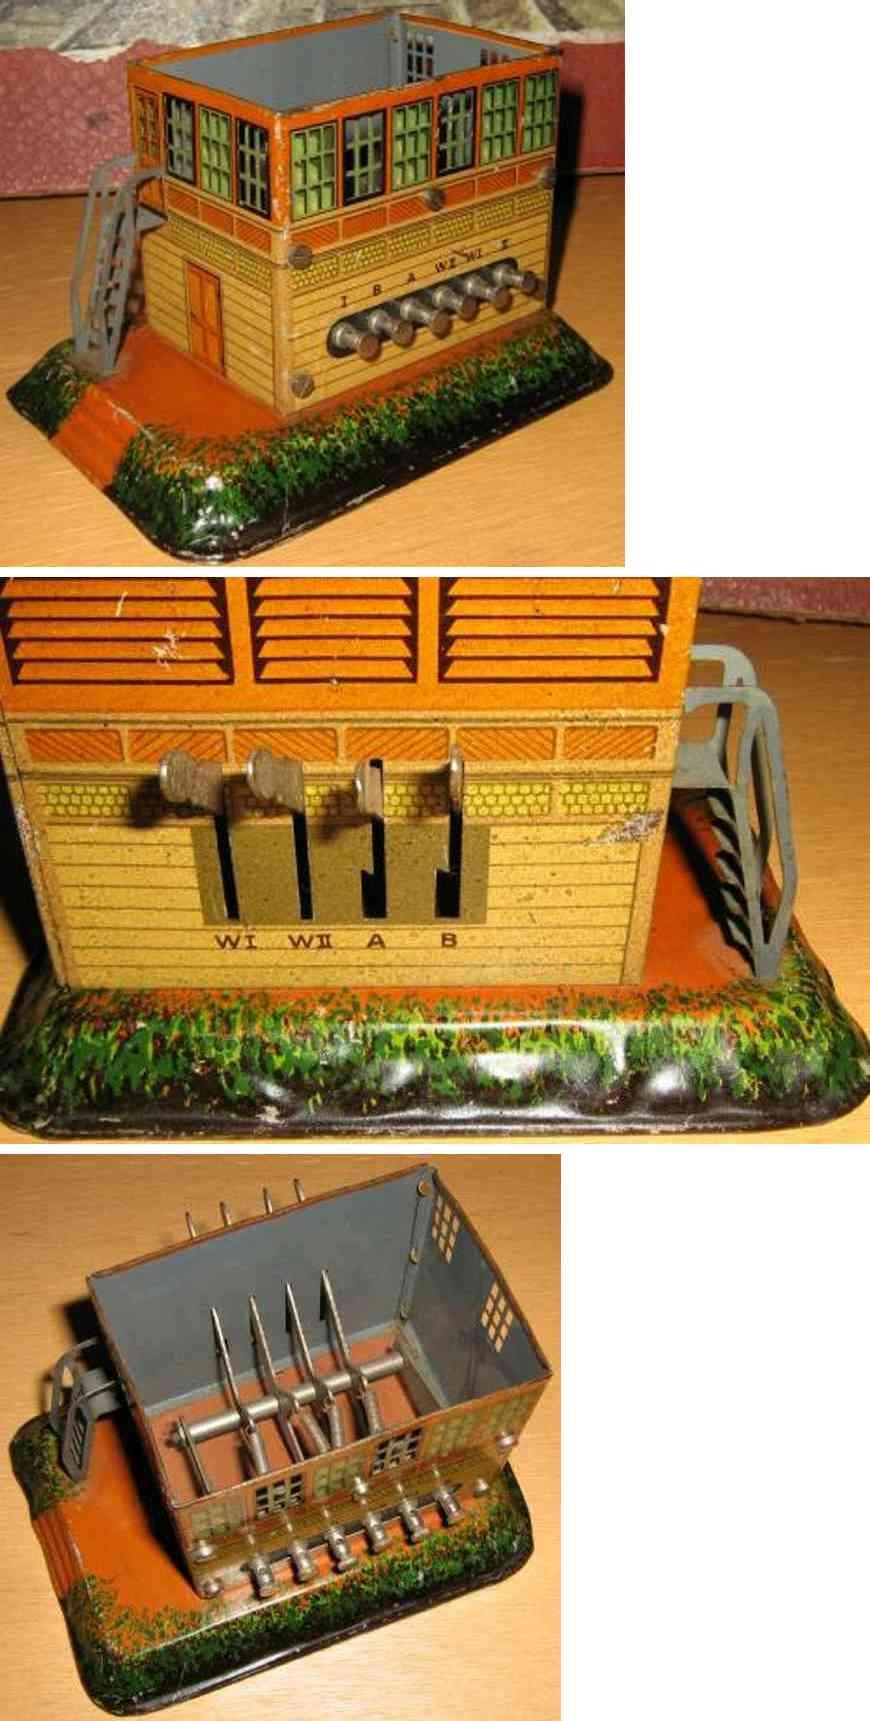 bing 12/6112/1 spielzeug eisenbahn stellwerk stellwerk auf geländesockel mit geprägtem walmdach, treppe m